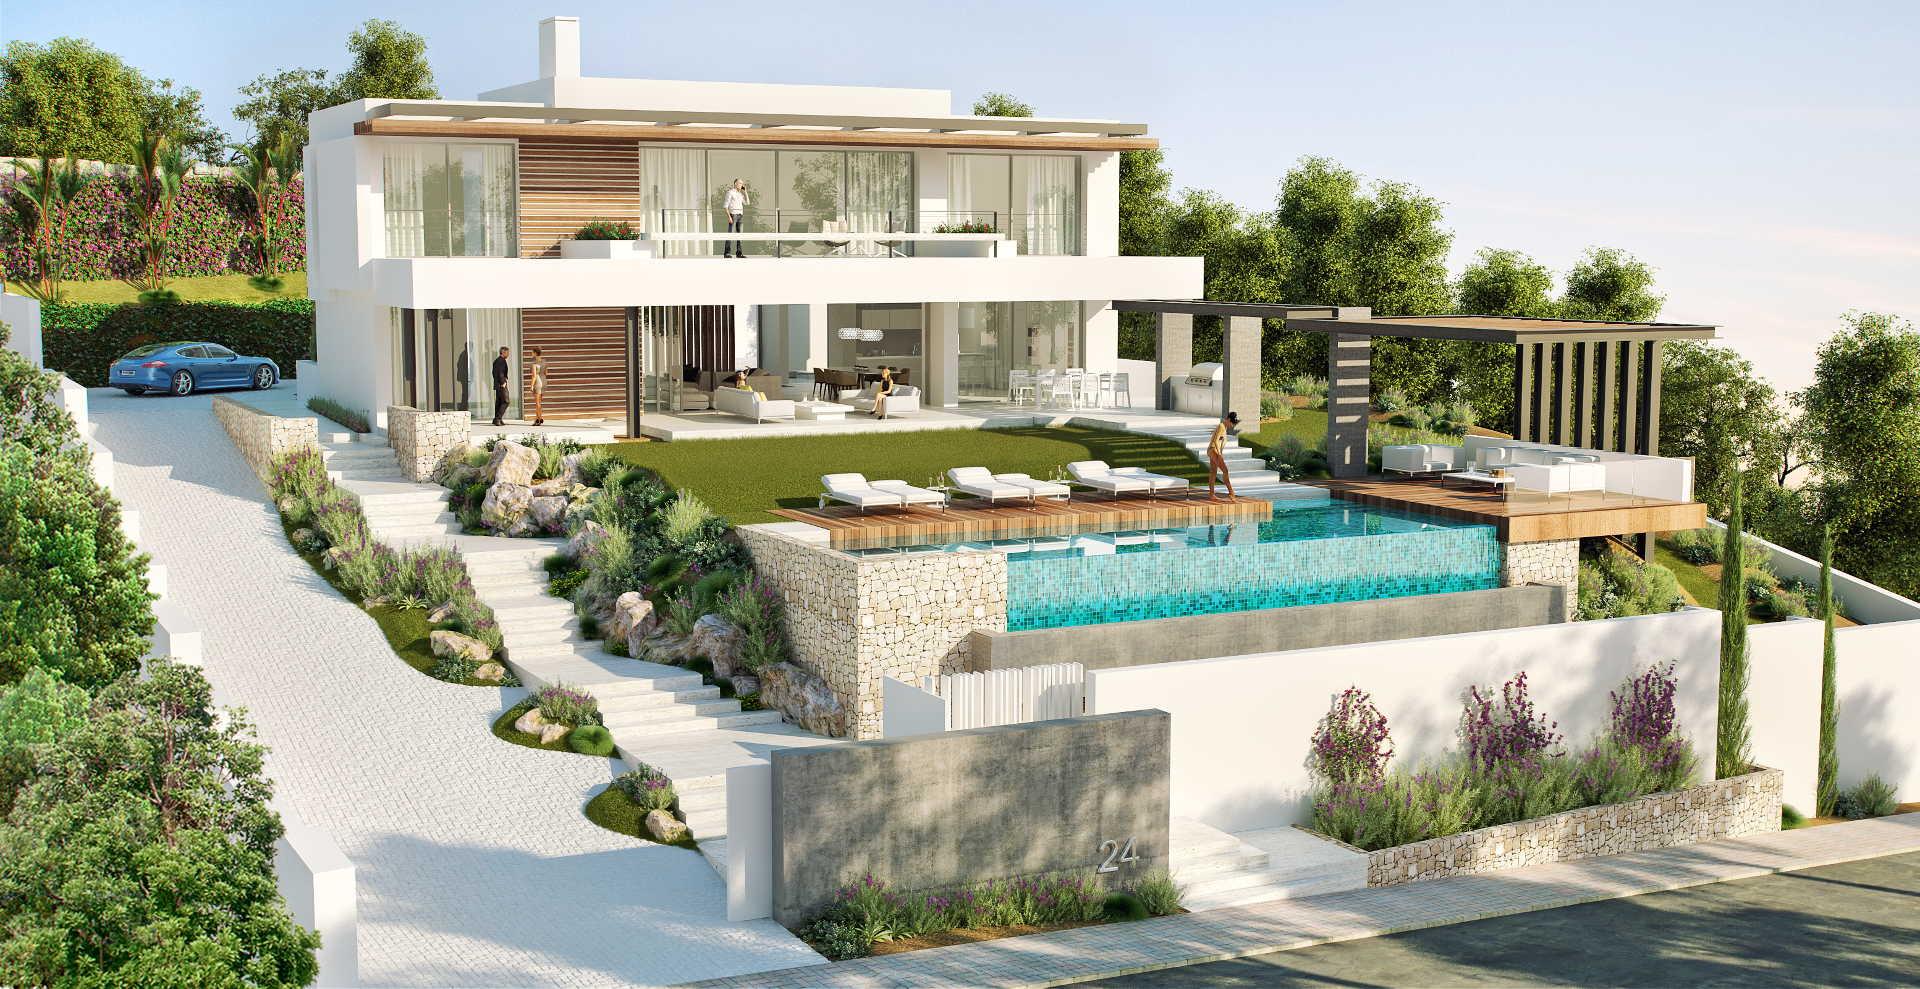 New four bedroom contemporary villa for sale in Capanes Sur, La Alqueria Atalaya Benahavis